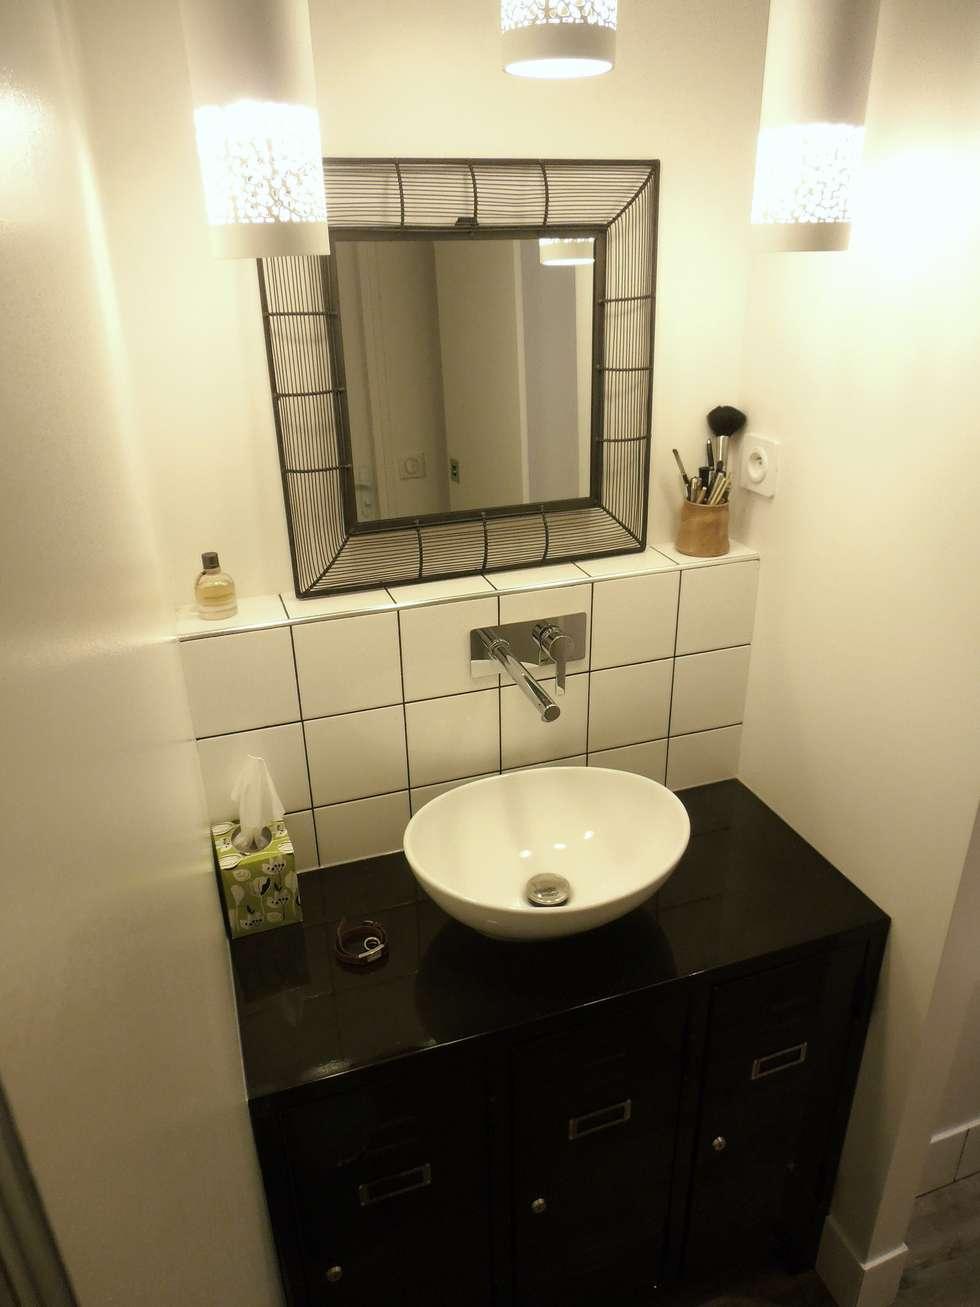 la salle de bains: Salle de bains de style  par espaces & déco